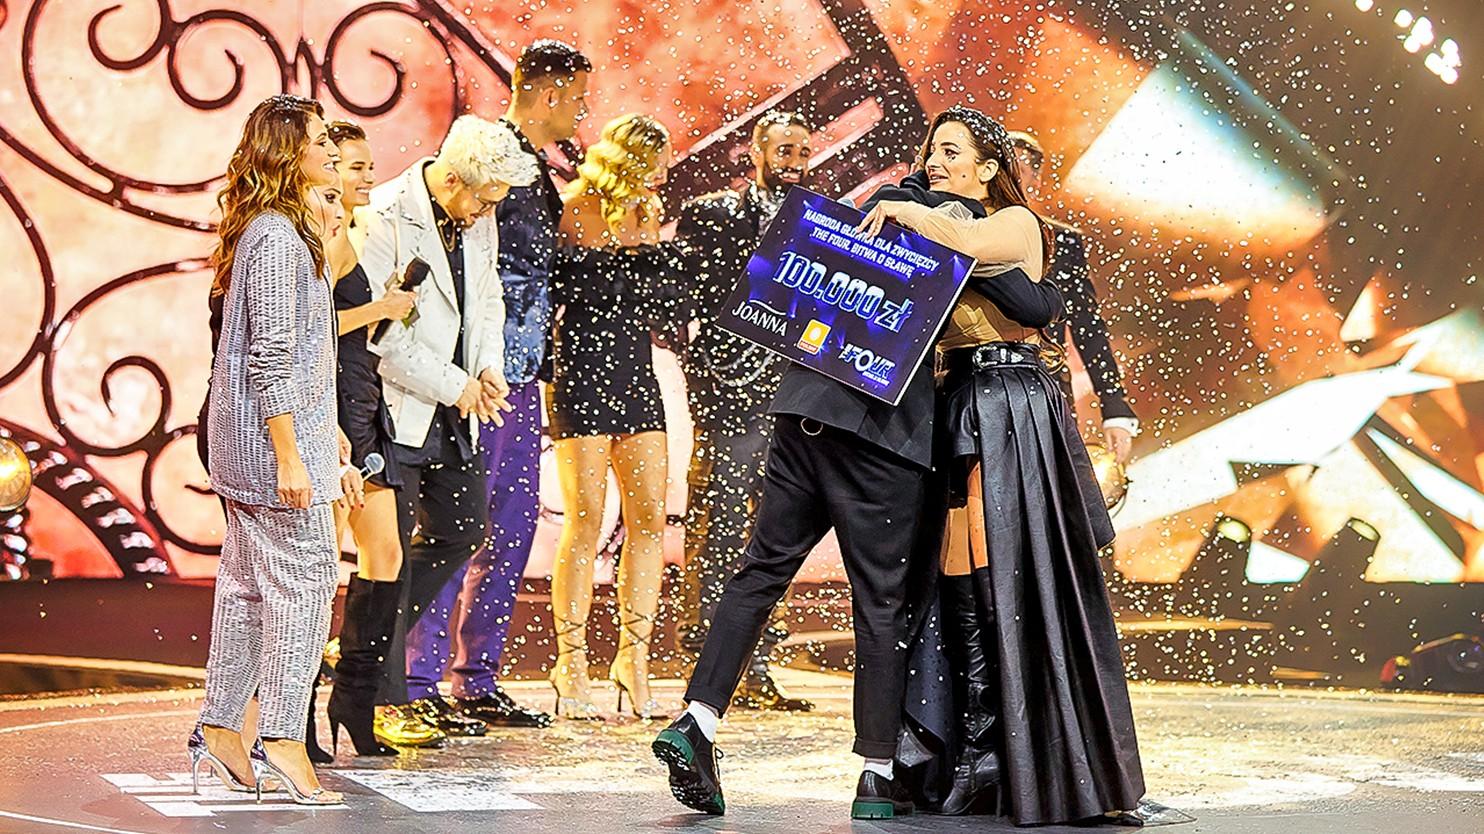 Wiemy, kto wygrał The Four. Bitwa o sławę! Gratulujemy! - Polsat.pl